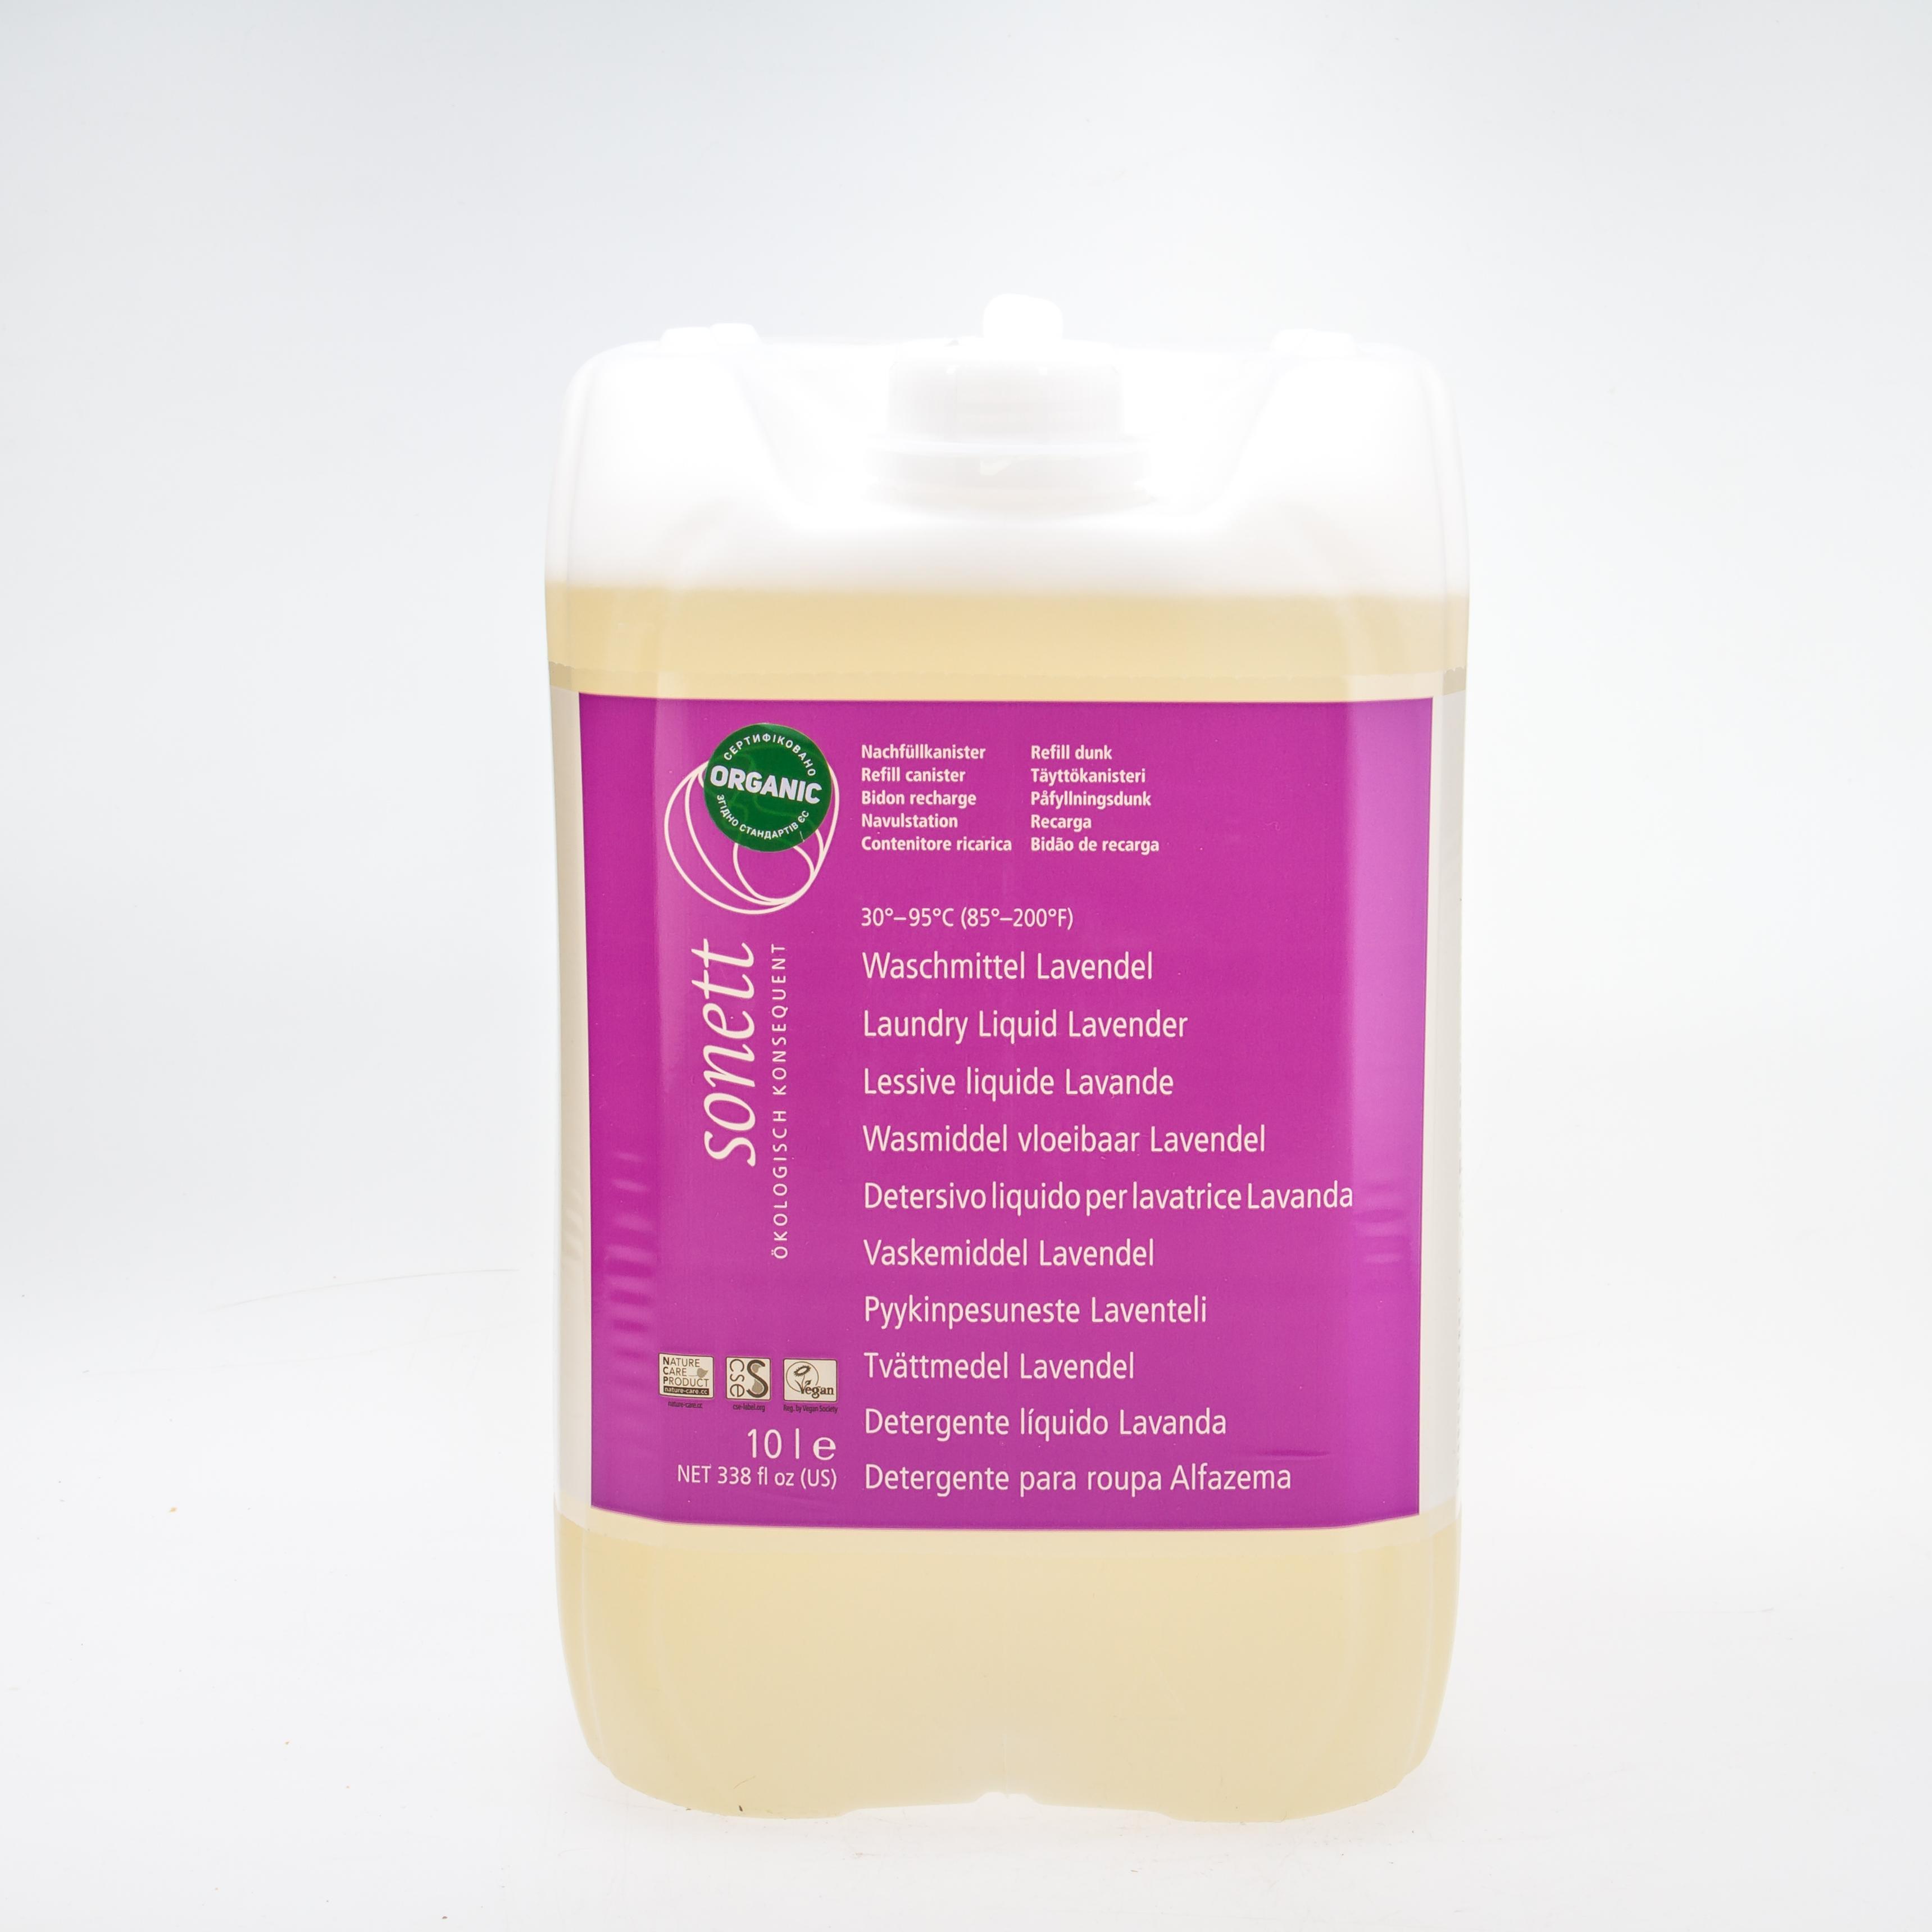 Sonett Органічний рідкий пральний засіб з ефірною олією лаванди. 10л. Концентрат - купить в интернет-магазине Юнимед